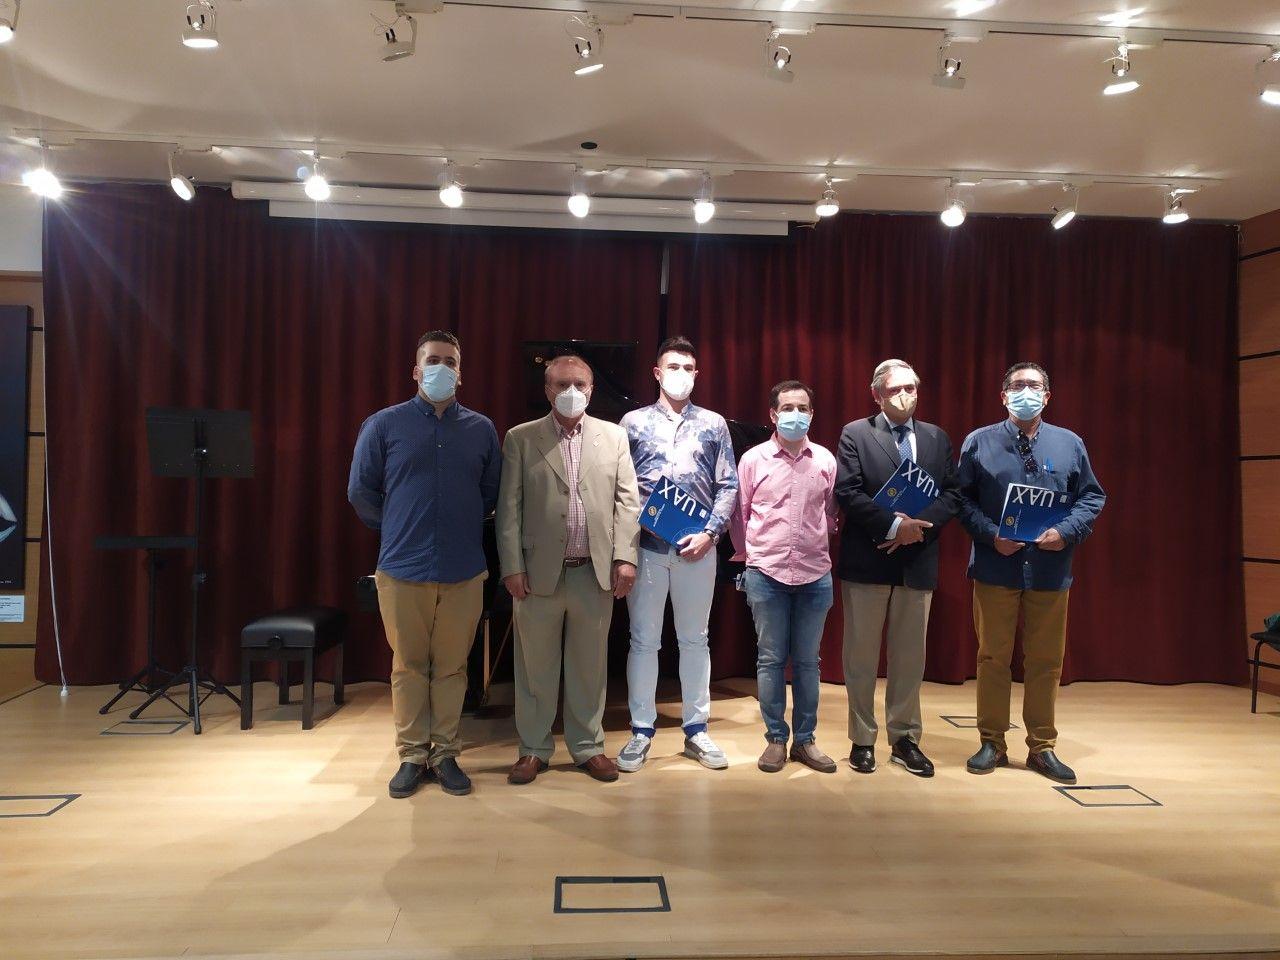 II Festival de Trompeta Xixona